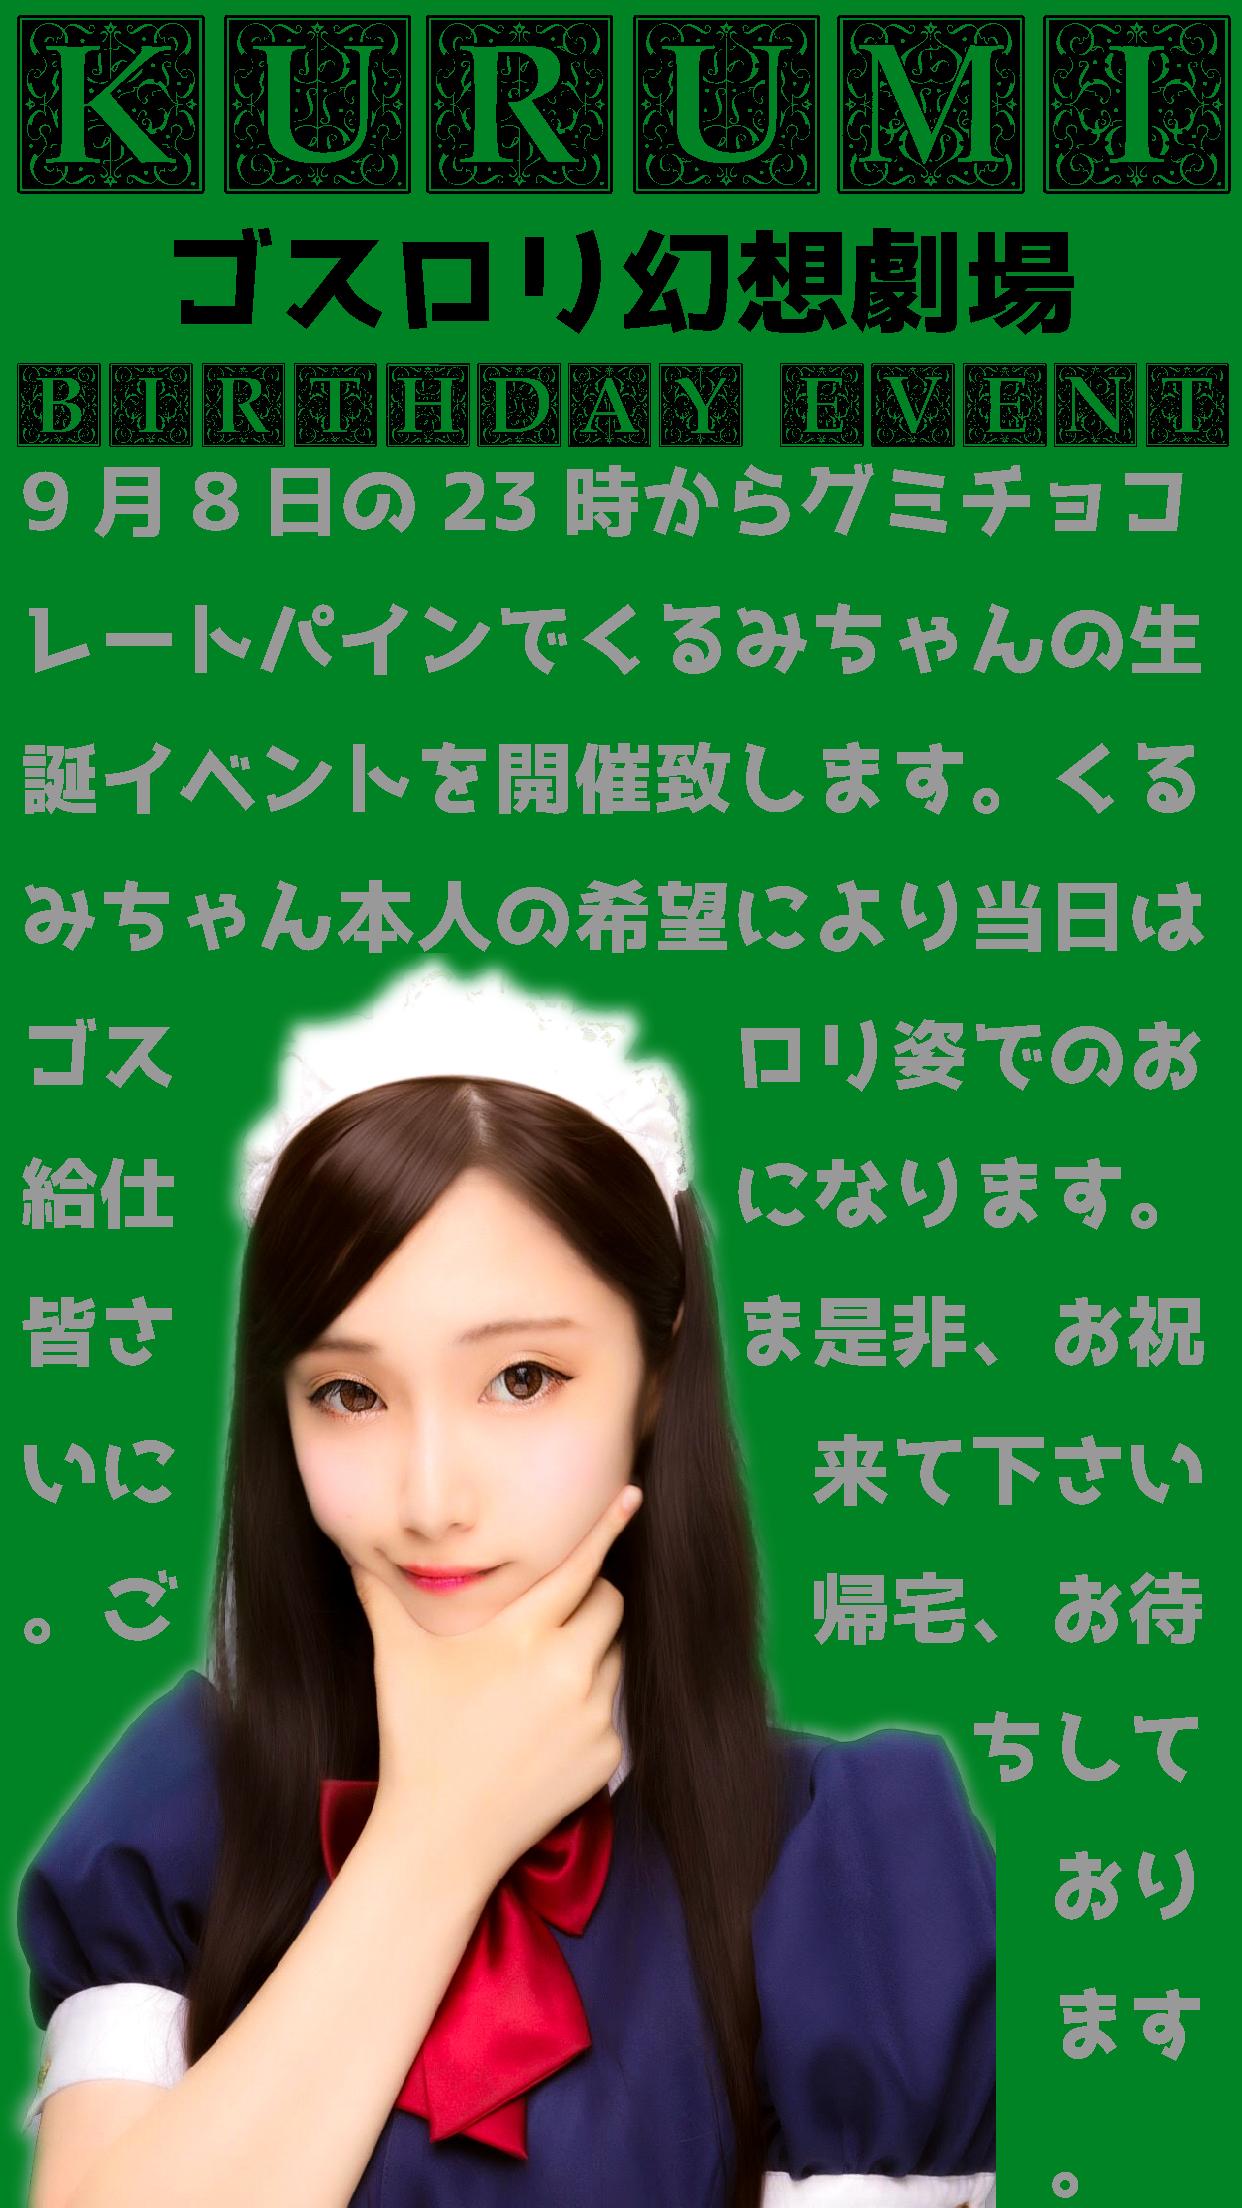 くるみちゃん生誕 ゴスロリ幻想劇場